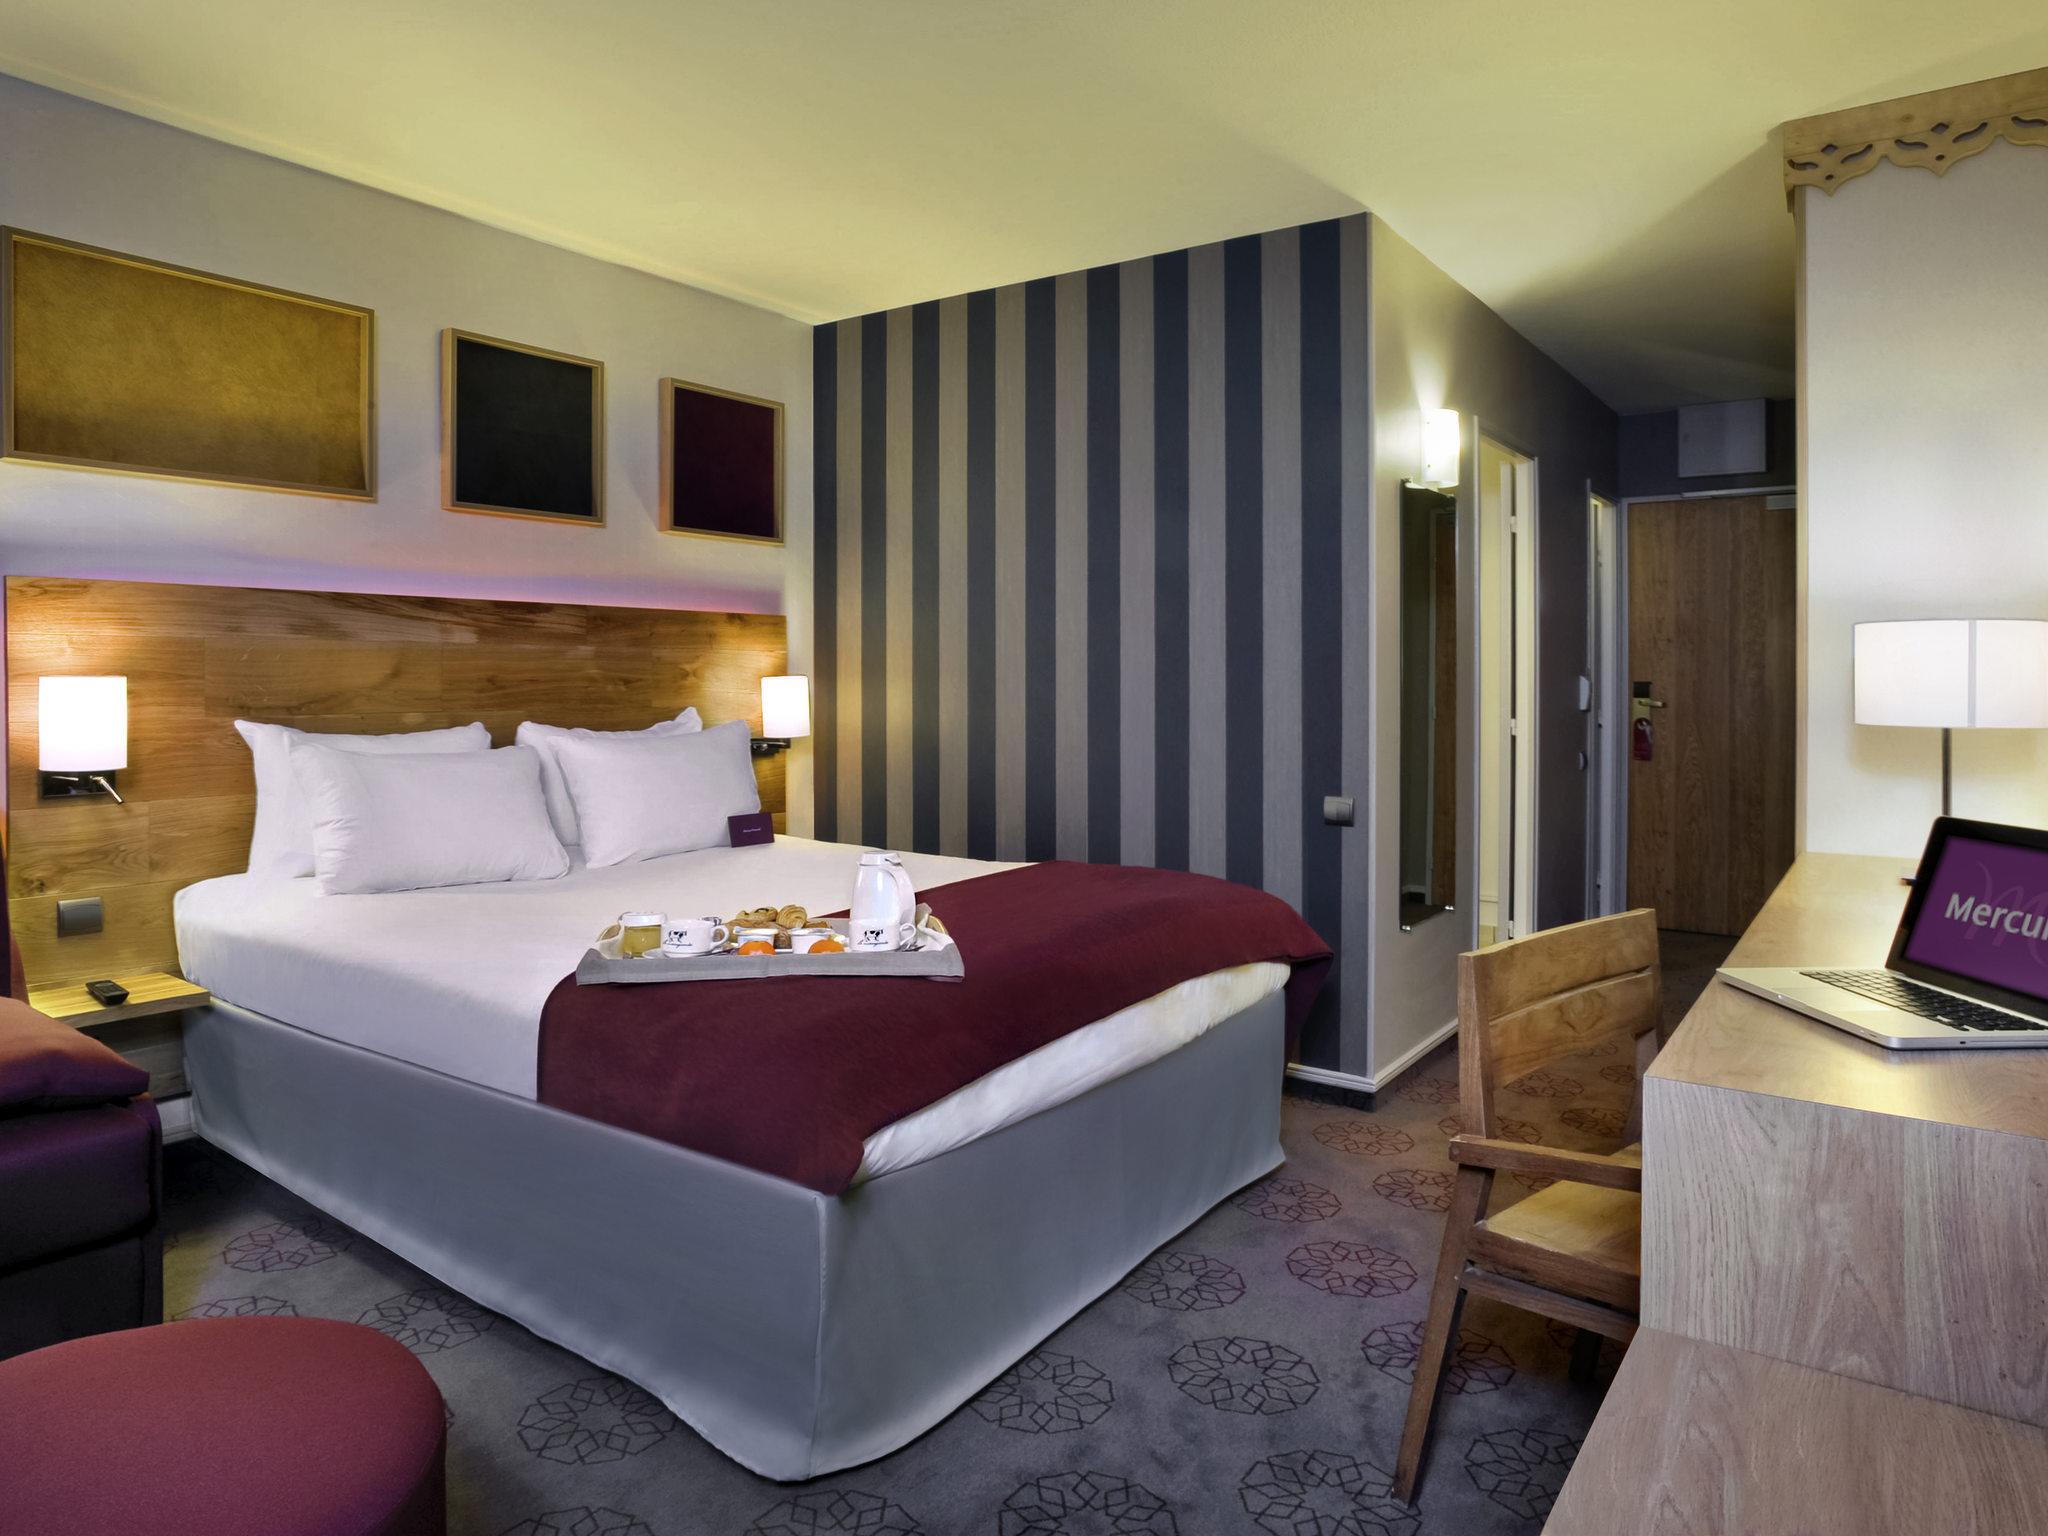 ホテル – Hôtel Mercure Saint-Lary Sensoria